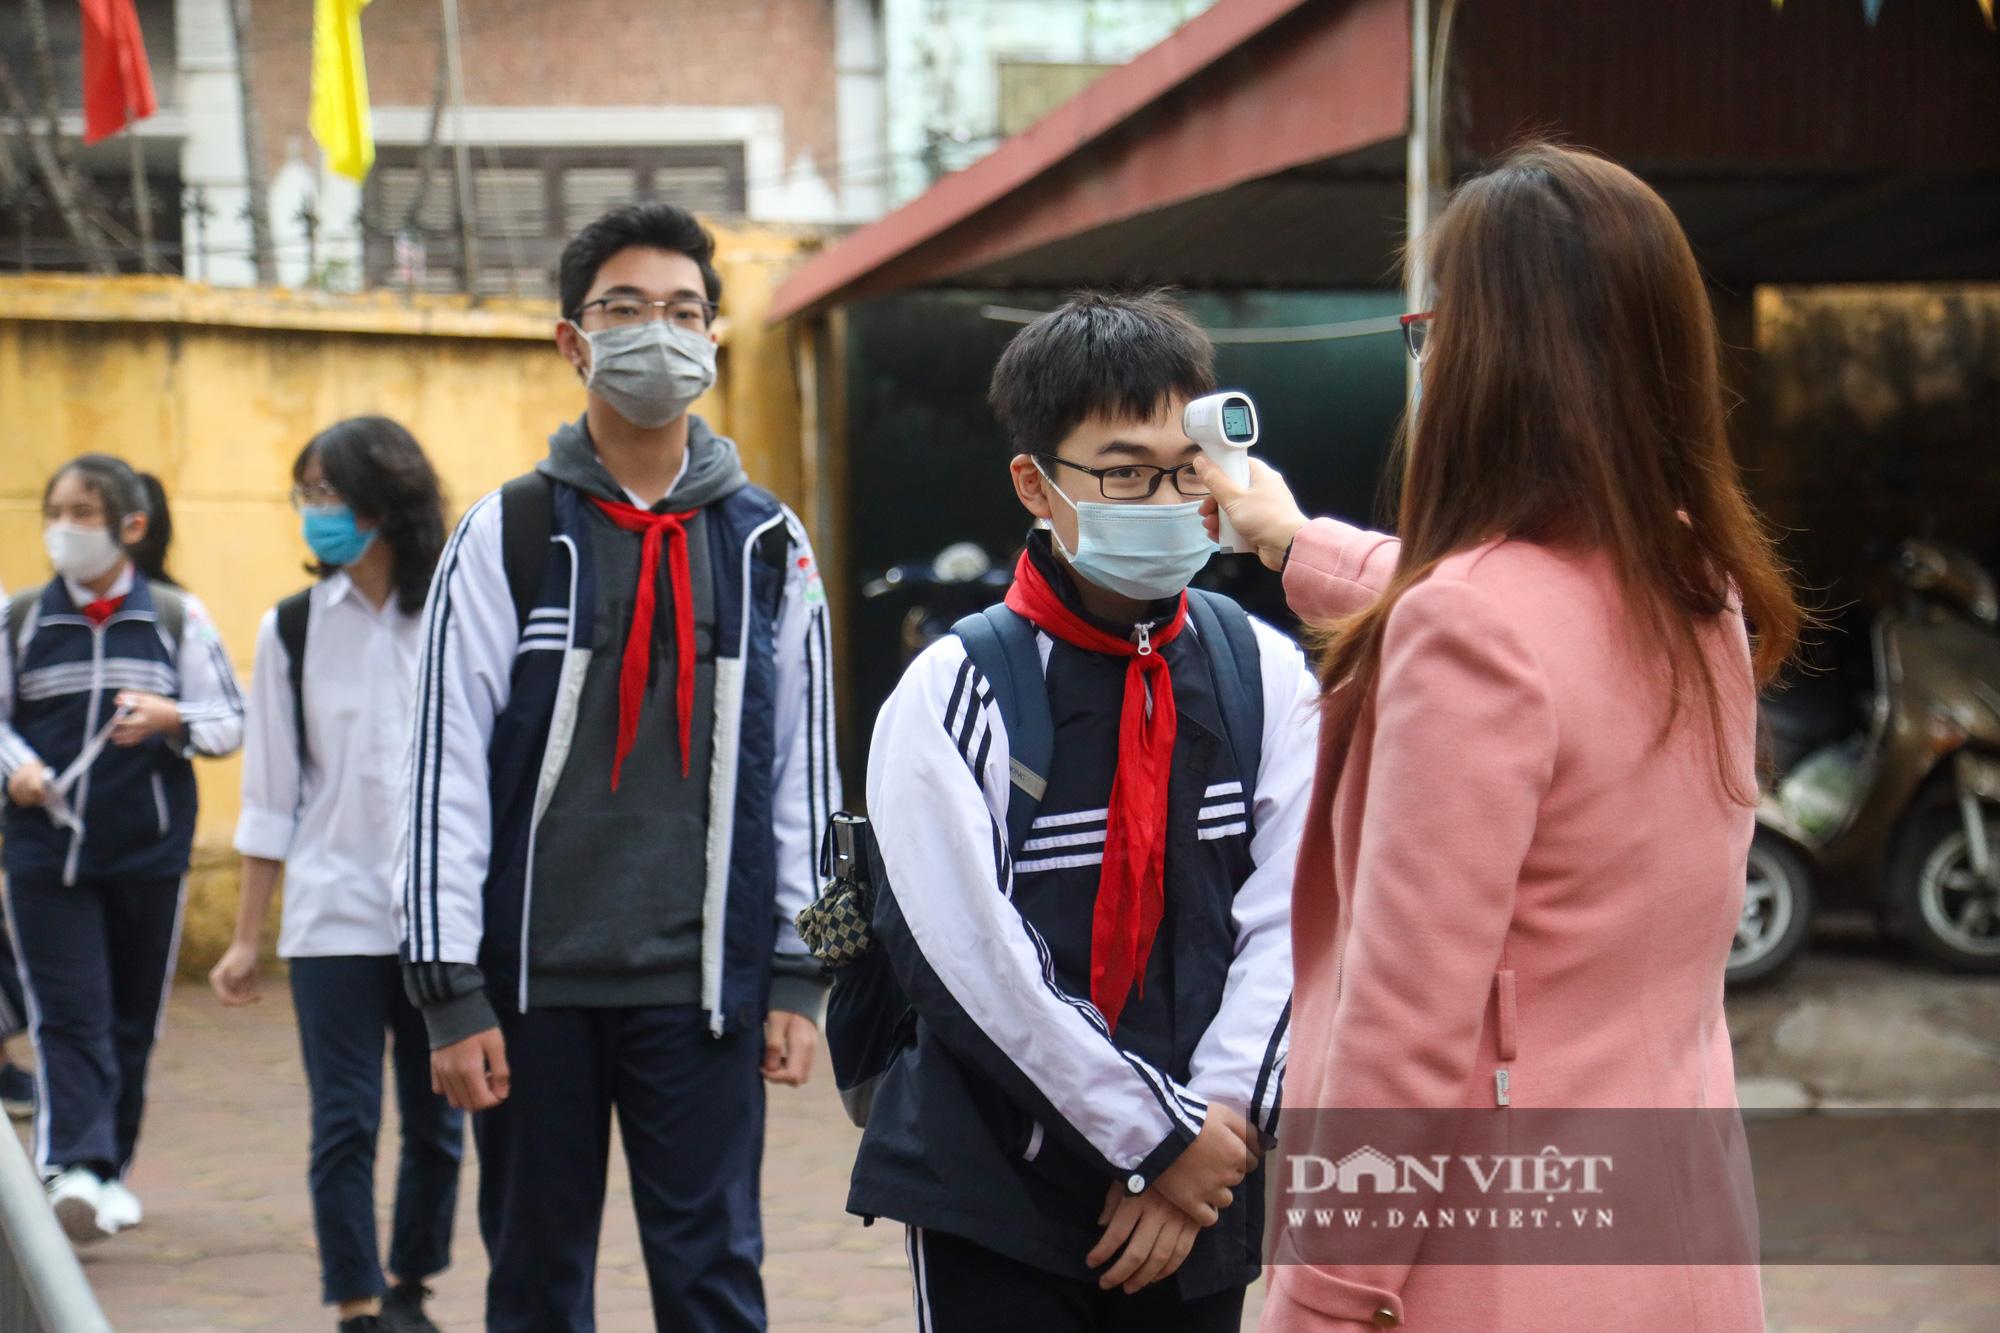 Đi học trở lại sau 30 ngày nghỉ Tết, học sinh Hà Nội được nhận lì xì - Ảnh 3.